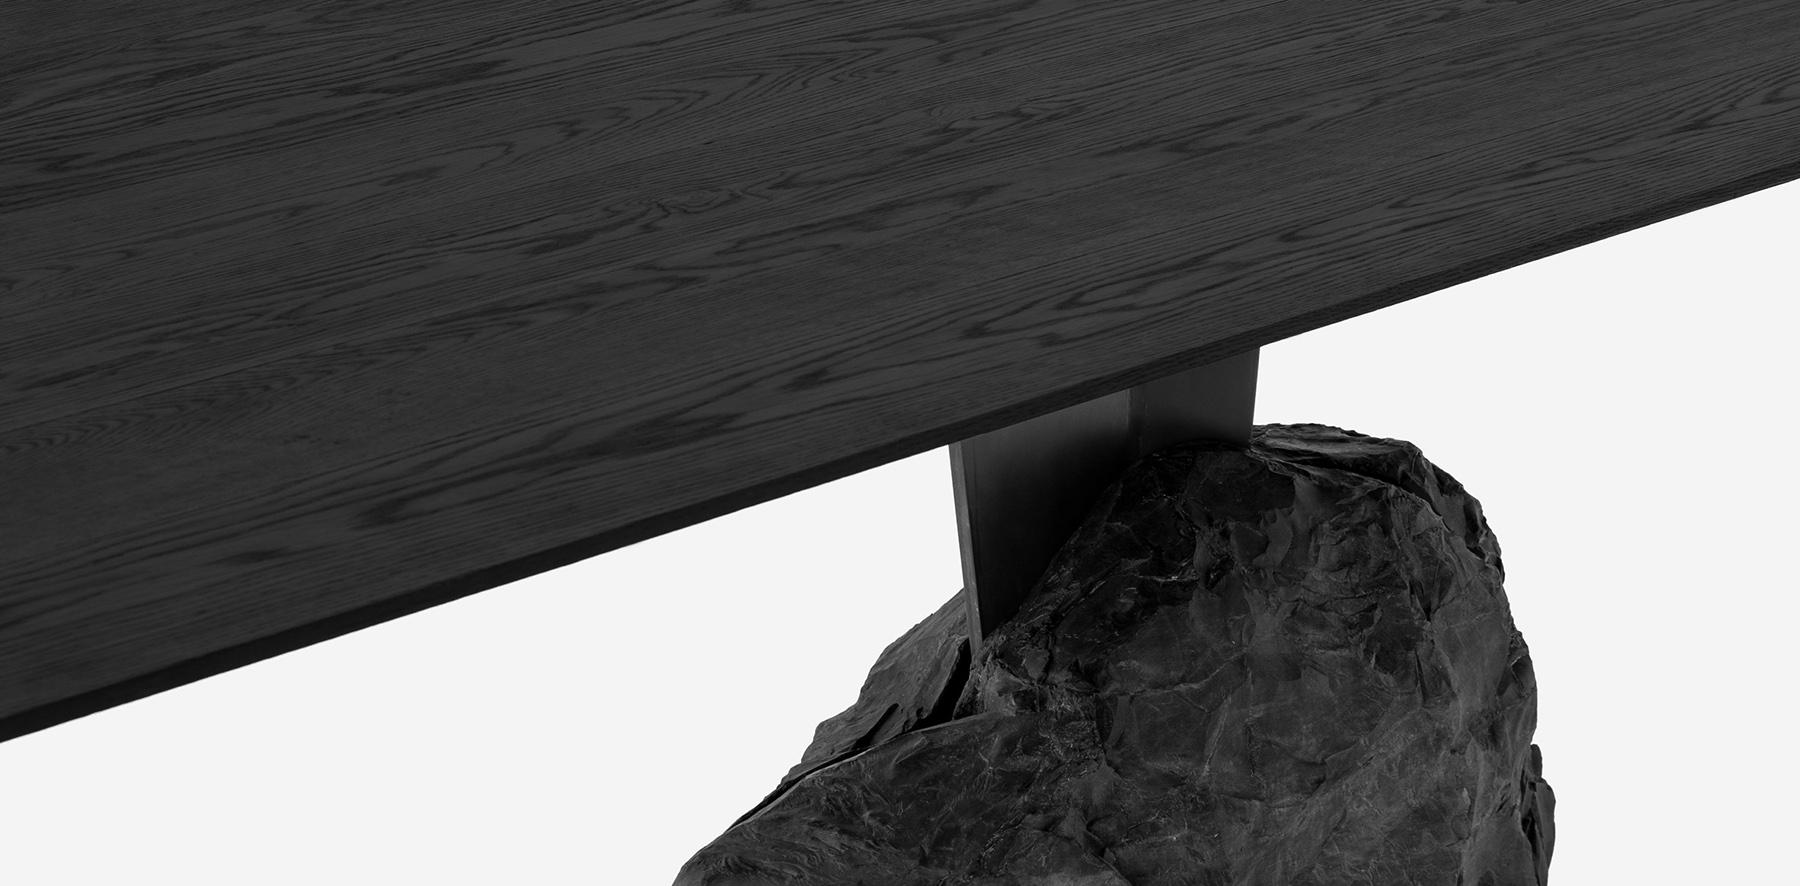 iGNANT-Design-EWE-Studio-Alquimia-14